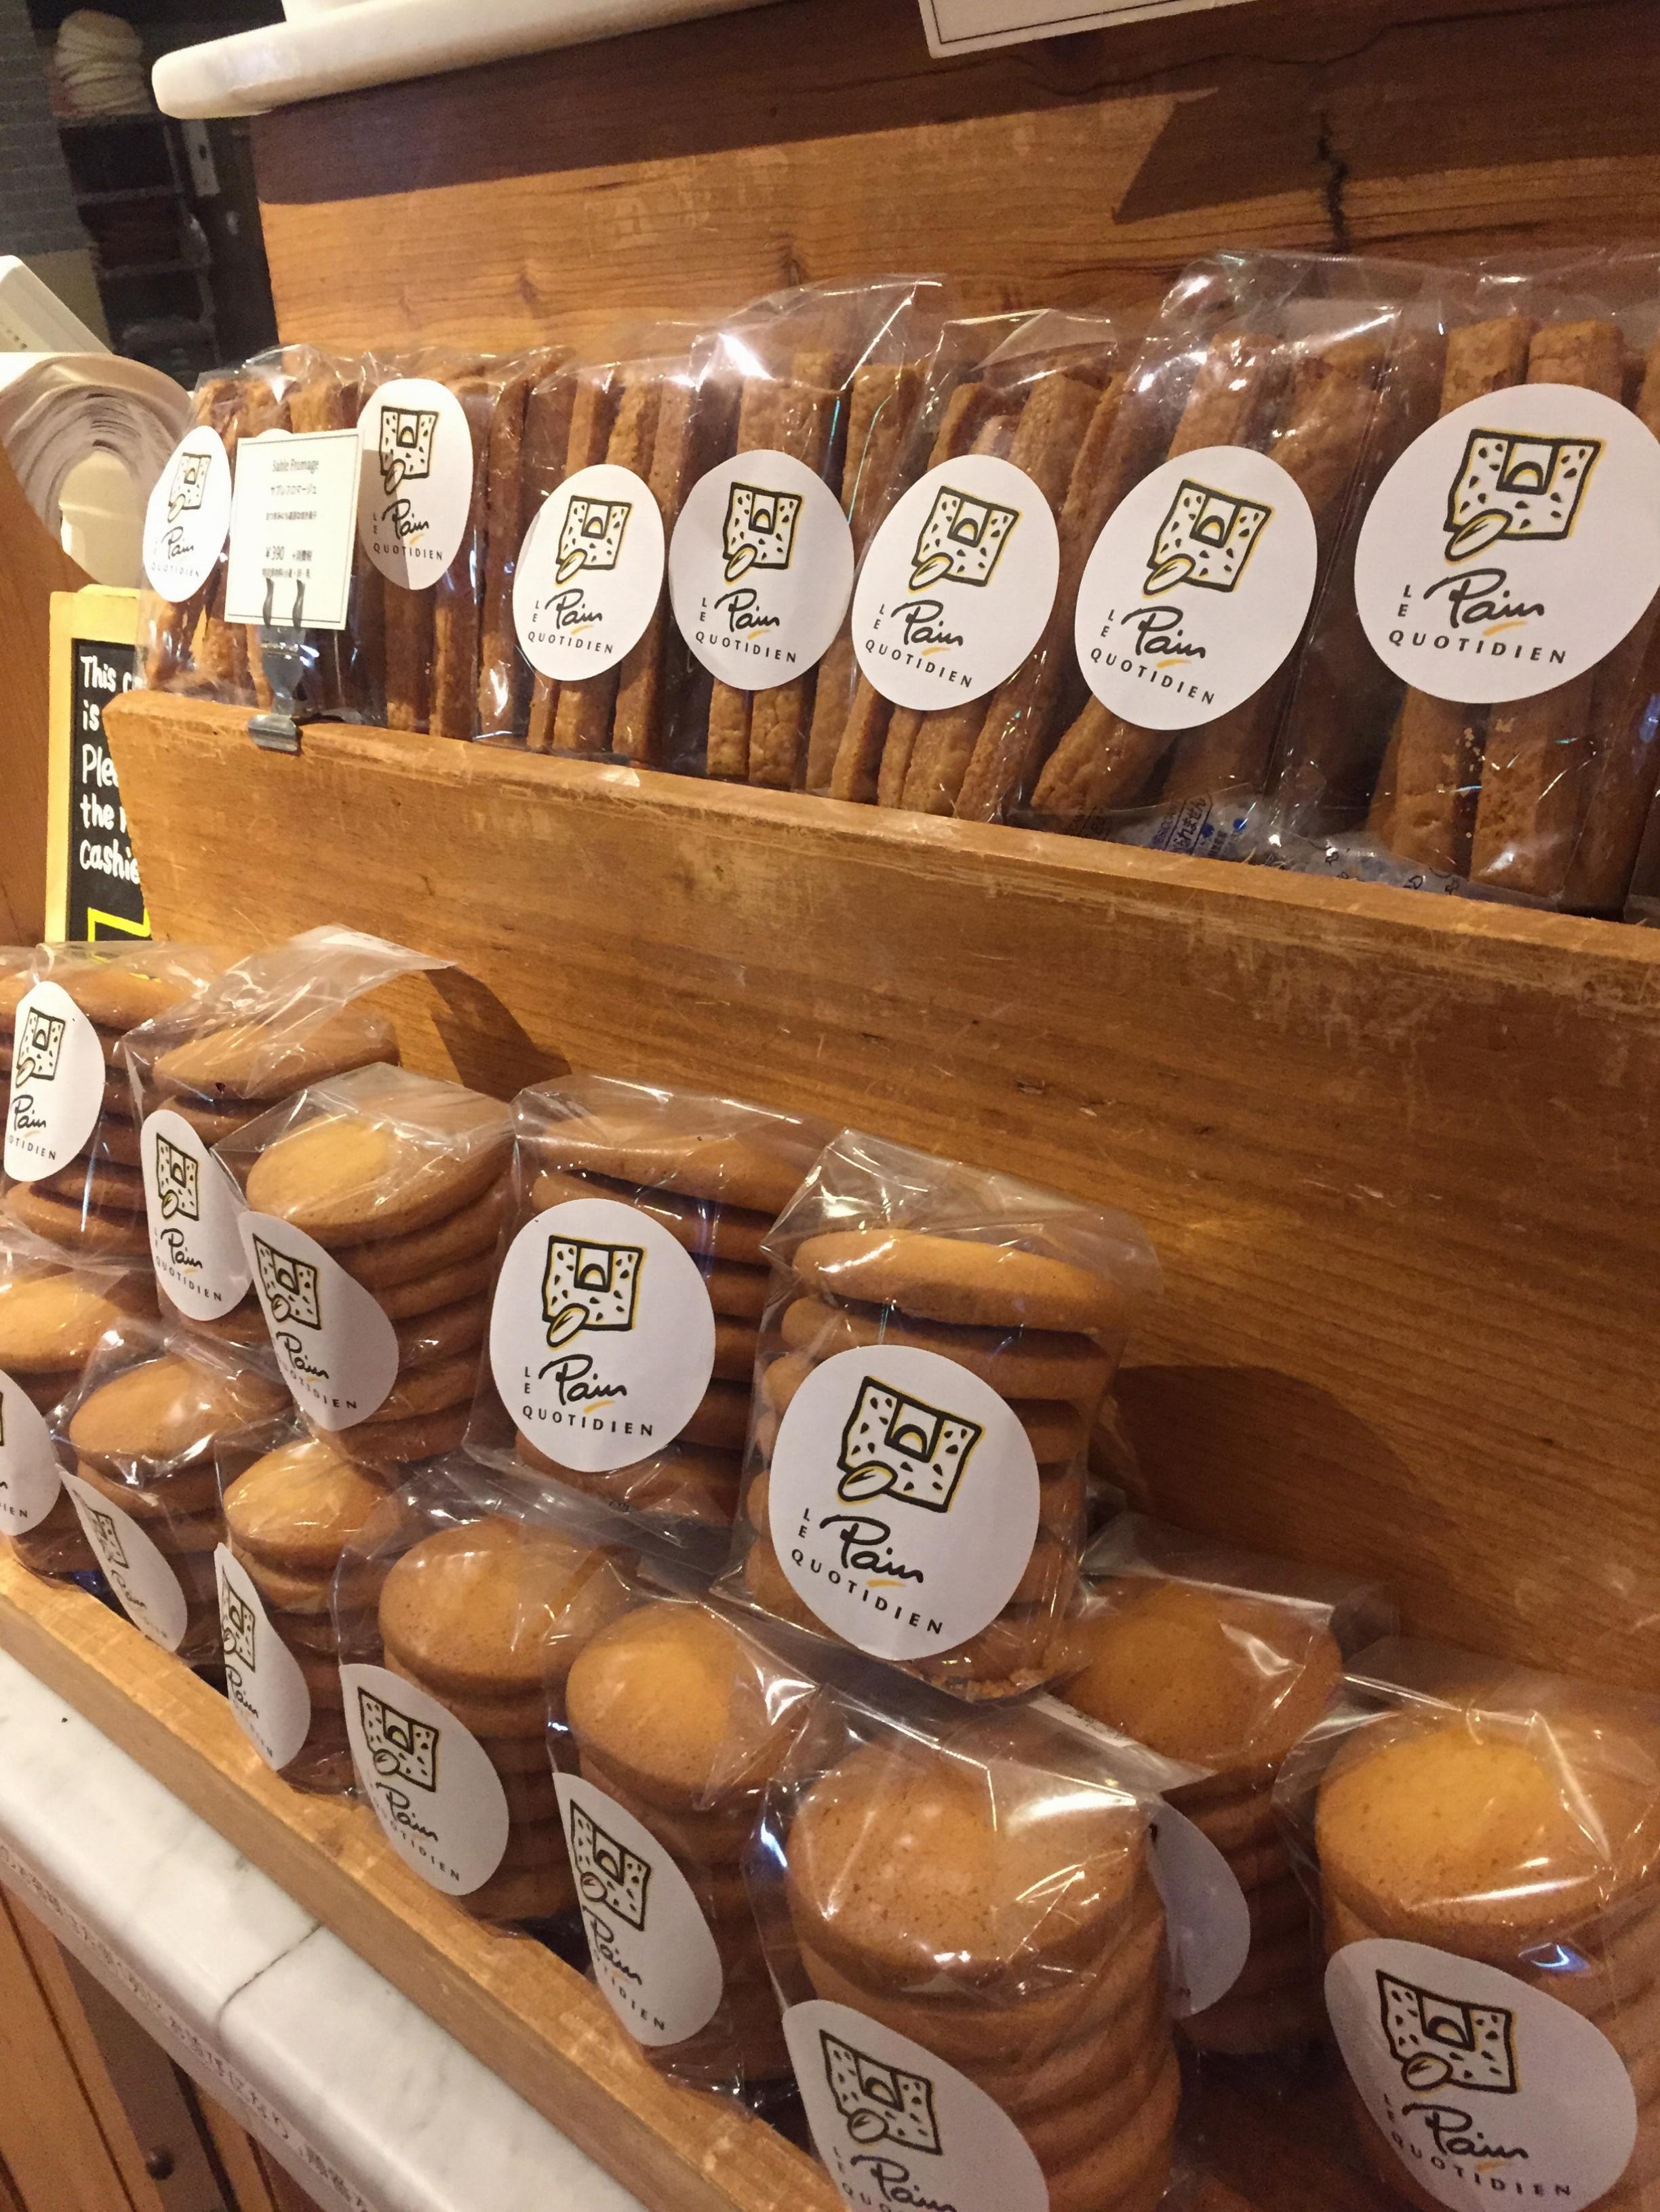 ずっと行きたかったパン屋さん♡ ル・パン・コティディアン♡_3